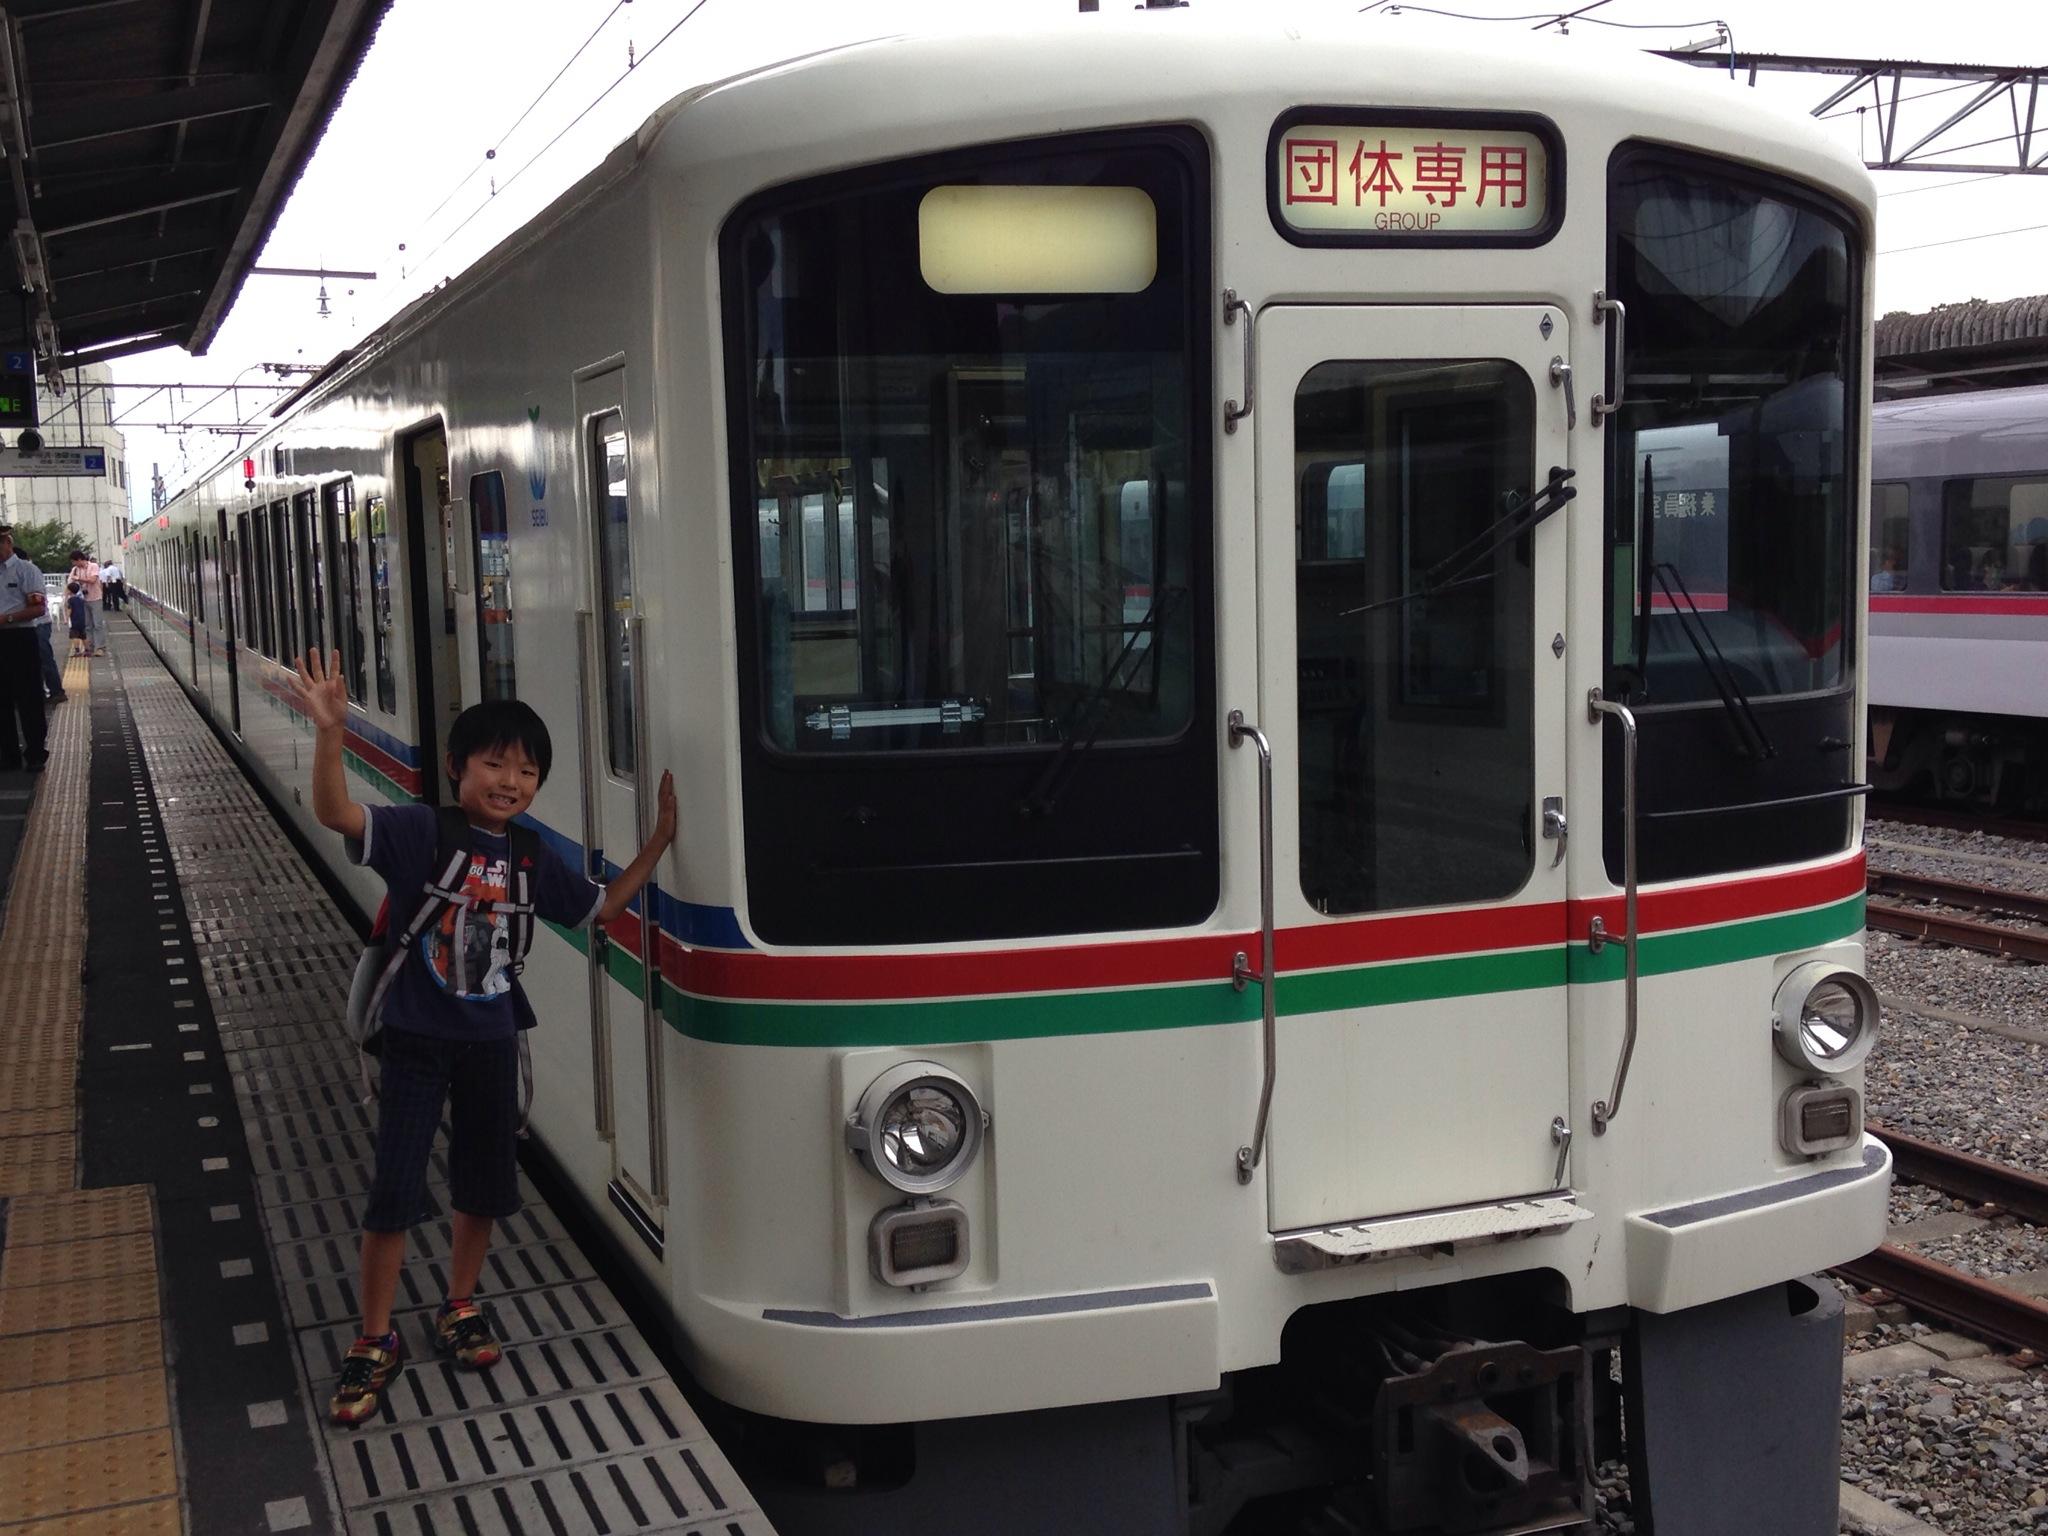 西武鉄道トンネル探検号親子体験ツアー2014、夏休みの親子イベントに参加!西武秩父への旅と昔懐かしの風景が楽しかった~。